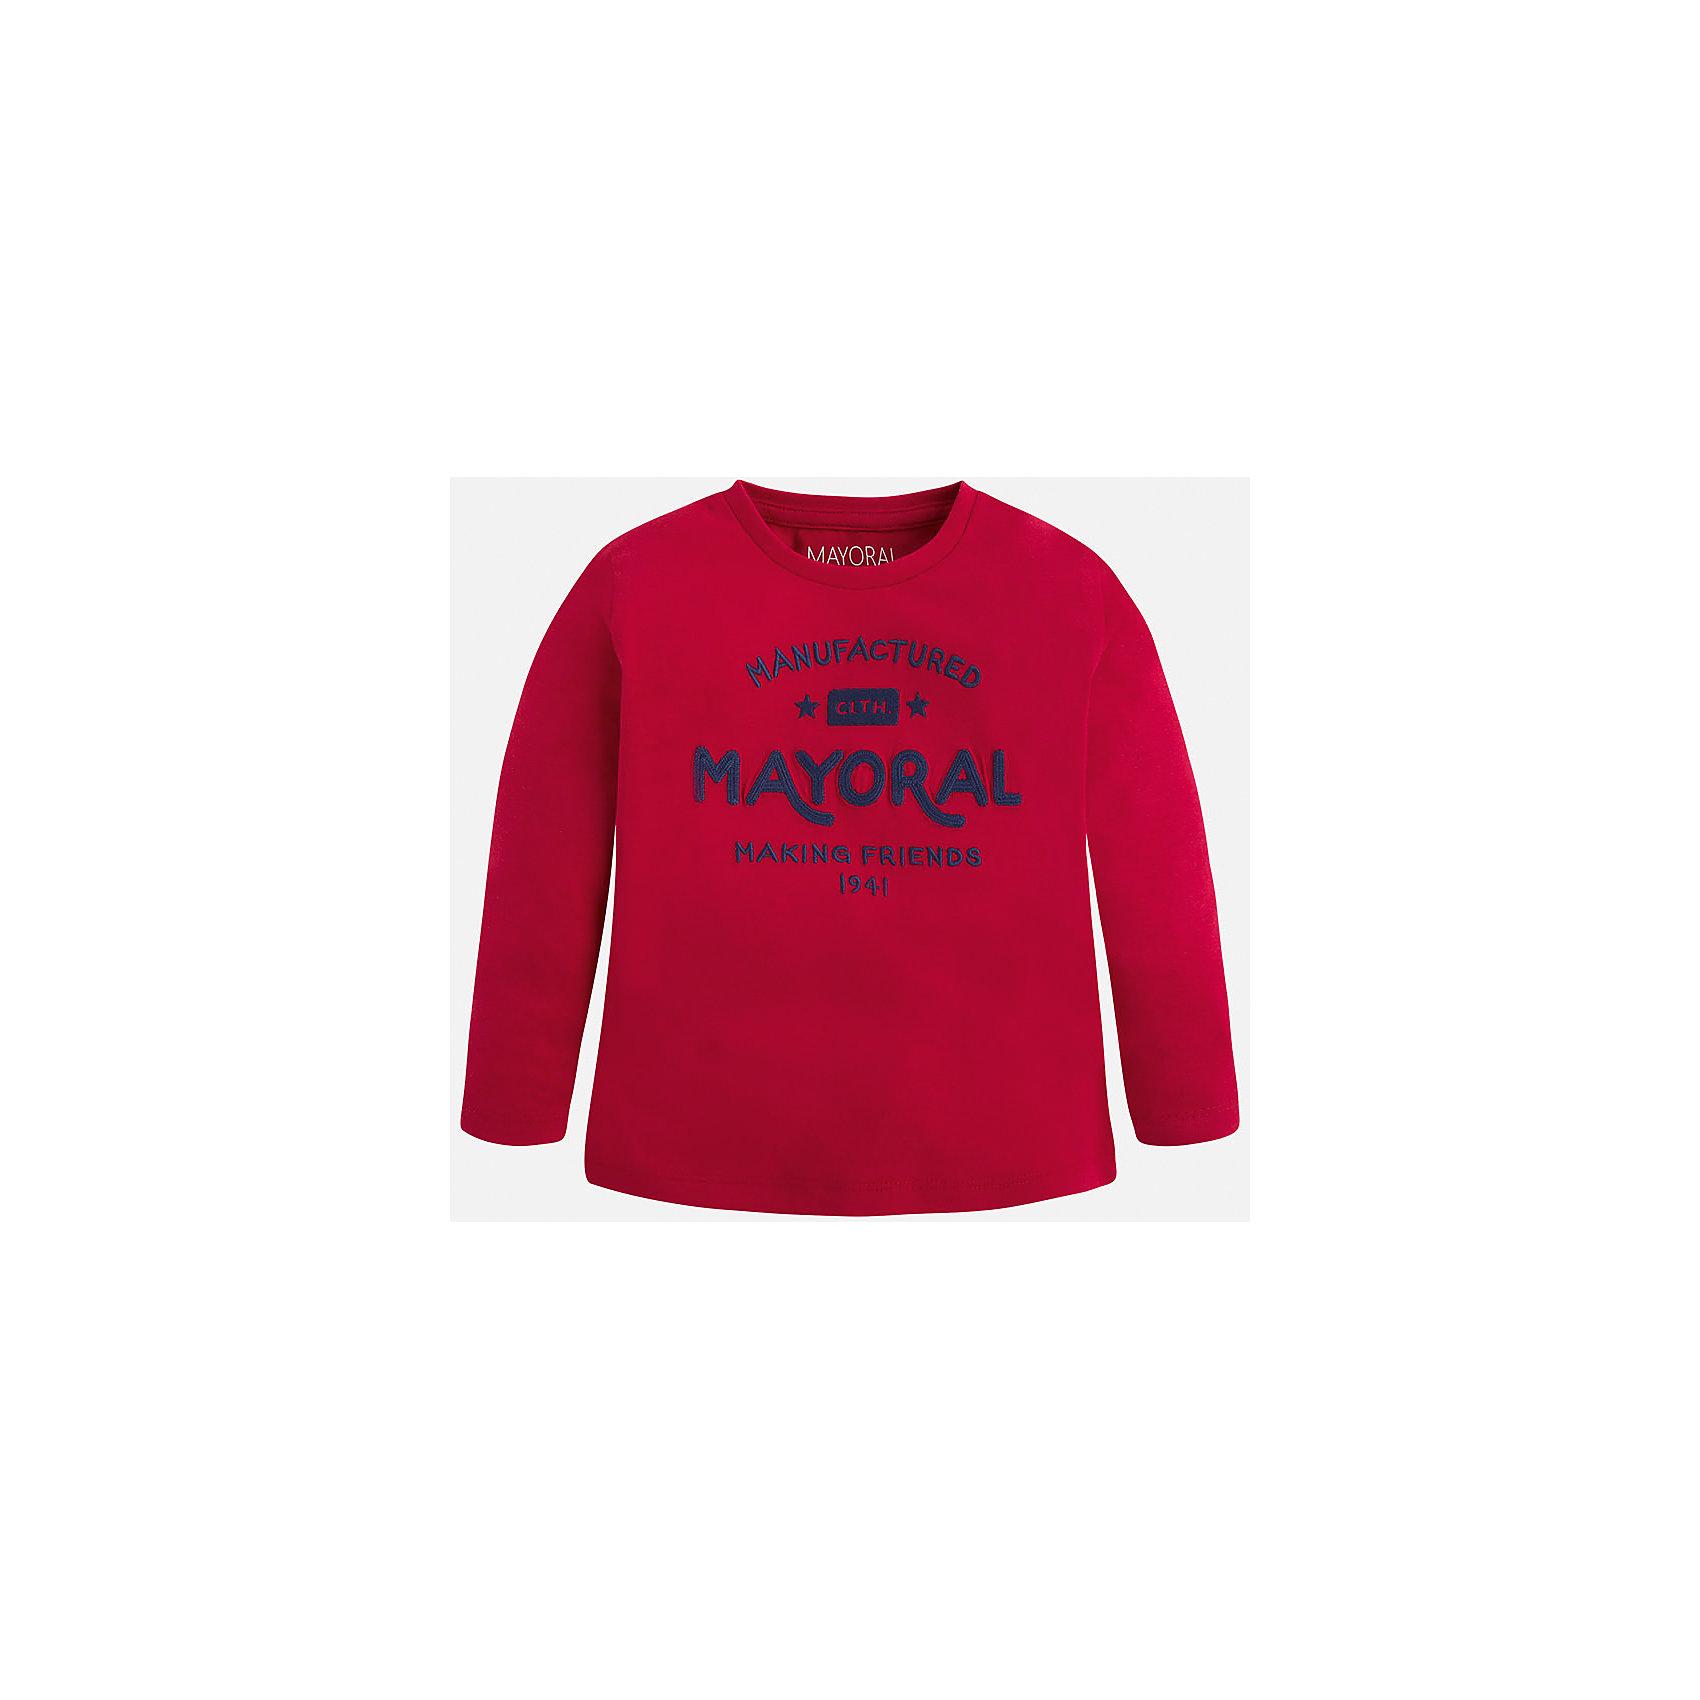 Футболка с длинным рукавом для мальчика MayoralФутболка для мальчика от известного испанского бренда Mayoral. Изготовлена из качественных дышащих материалов, приятно прилегает к телу. Прямой силуэт, длинные рукава. Спереди футболка украшена принтом, посвященным бренду. Специально для тех, кто знает толк в качестве одежды.<br>Дополнительная информация:<br>-прямой силуэт<br>-длинные рукава<br>-цвет: красный<br>-состав: 100% хлопок<br>Футболку Mayoral можно приобрести в нашем интернет-магазине.<br><br>Ширина мм: 230<br>Глубина мм: 40<br>Высота мм: 220<br>Вес г: 250<br>Цвет: бордовый<br>Возраст от месяцев: 48<br>Возраст до месяцев: 60<br>Пол: Мужской<br>Возраст: Детский<br>Размер: 110,116,122,128,134,92,98,104<br>SKU: 4820405